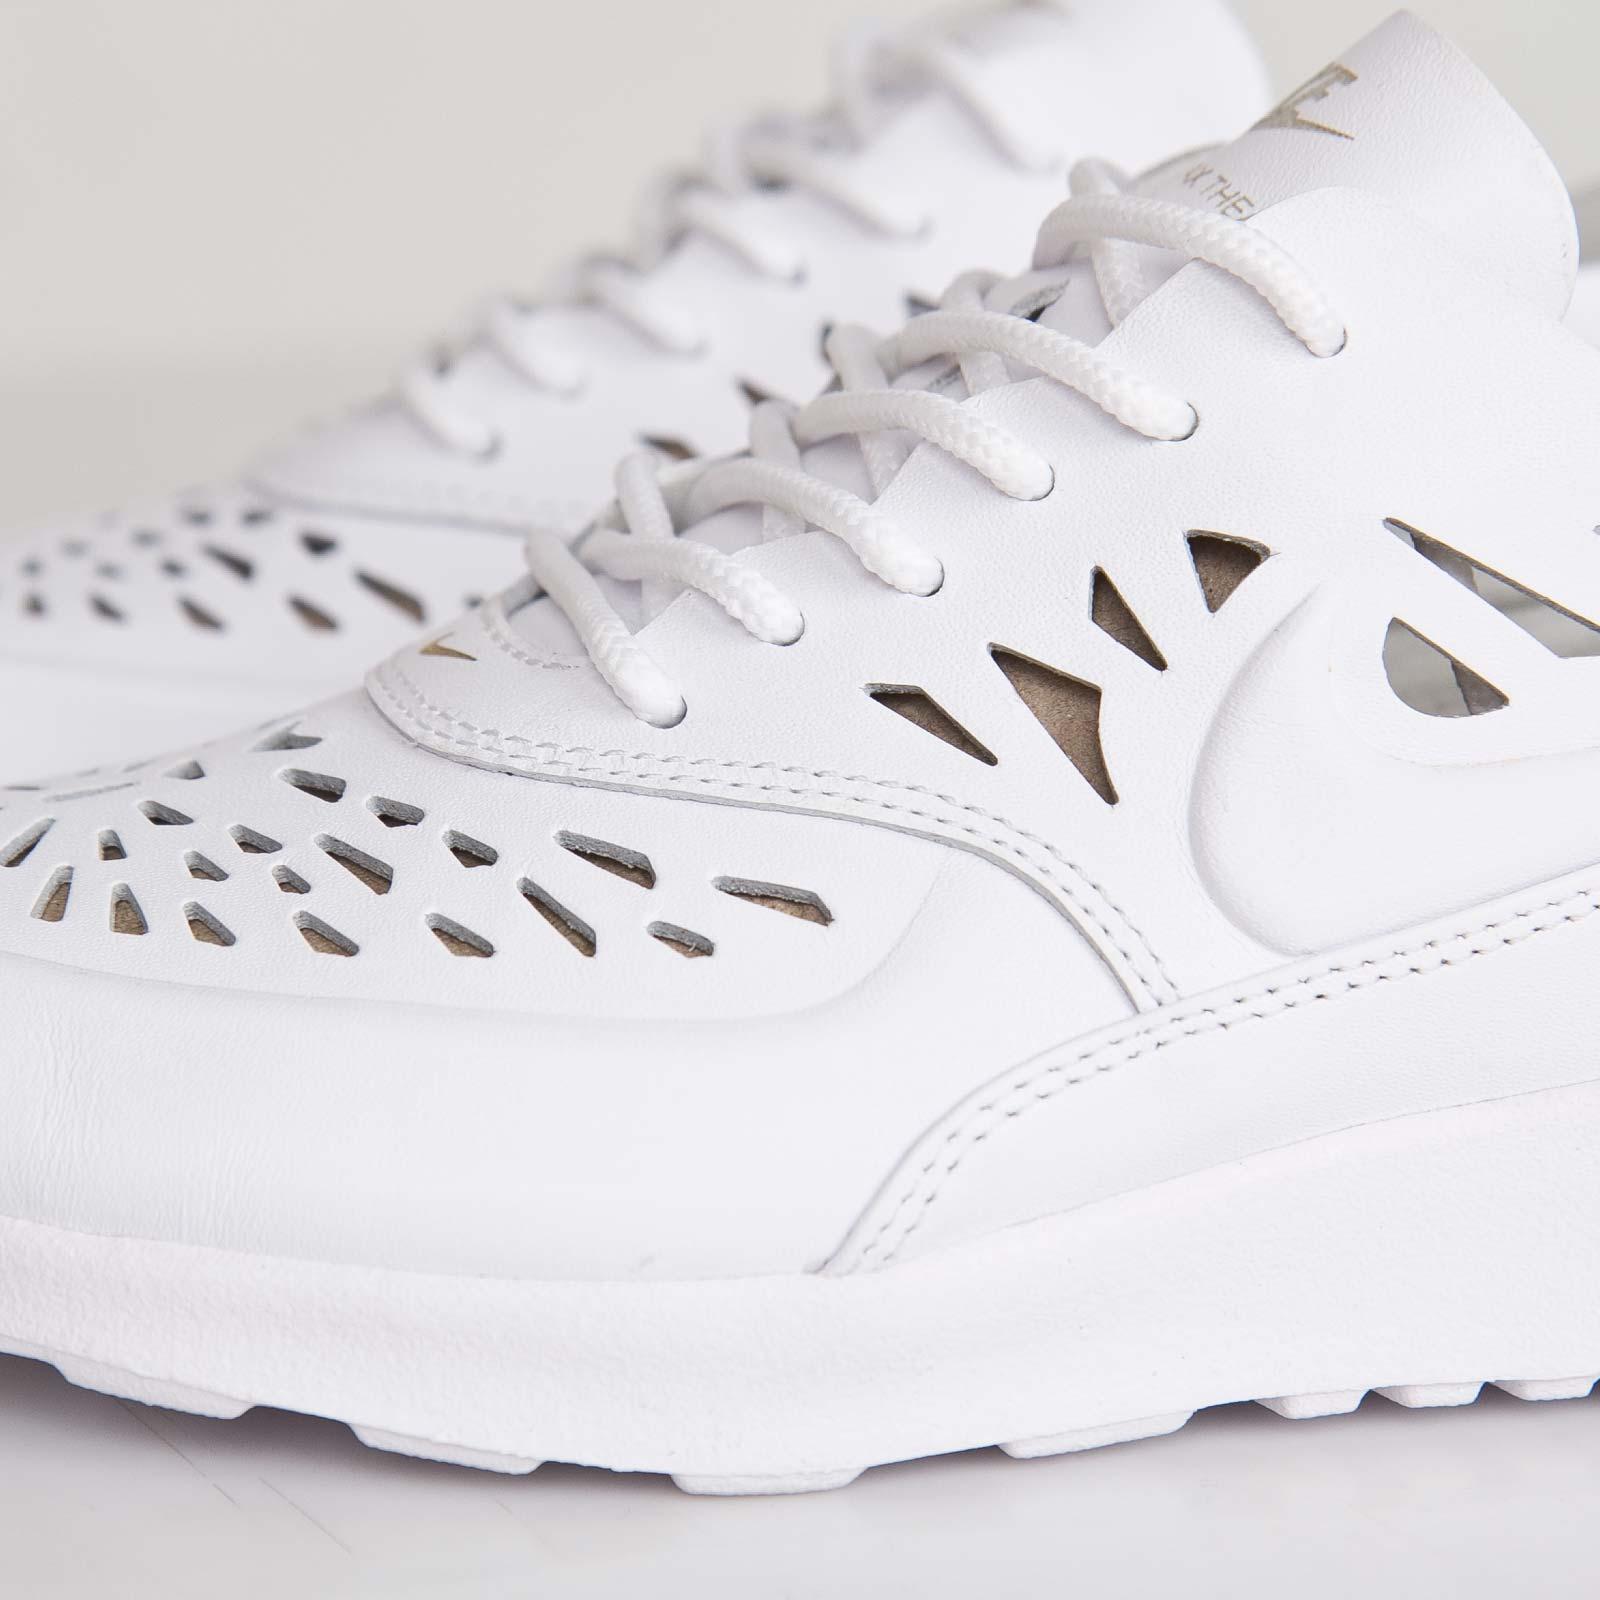 70f4bf1013 Nike W Air Max Thea Joli - 725118-100 - Sneakersnstuff | sneakers &  streetwear online since 1999